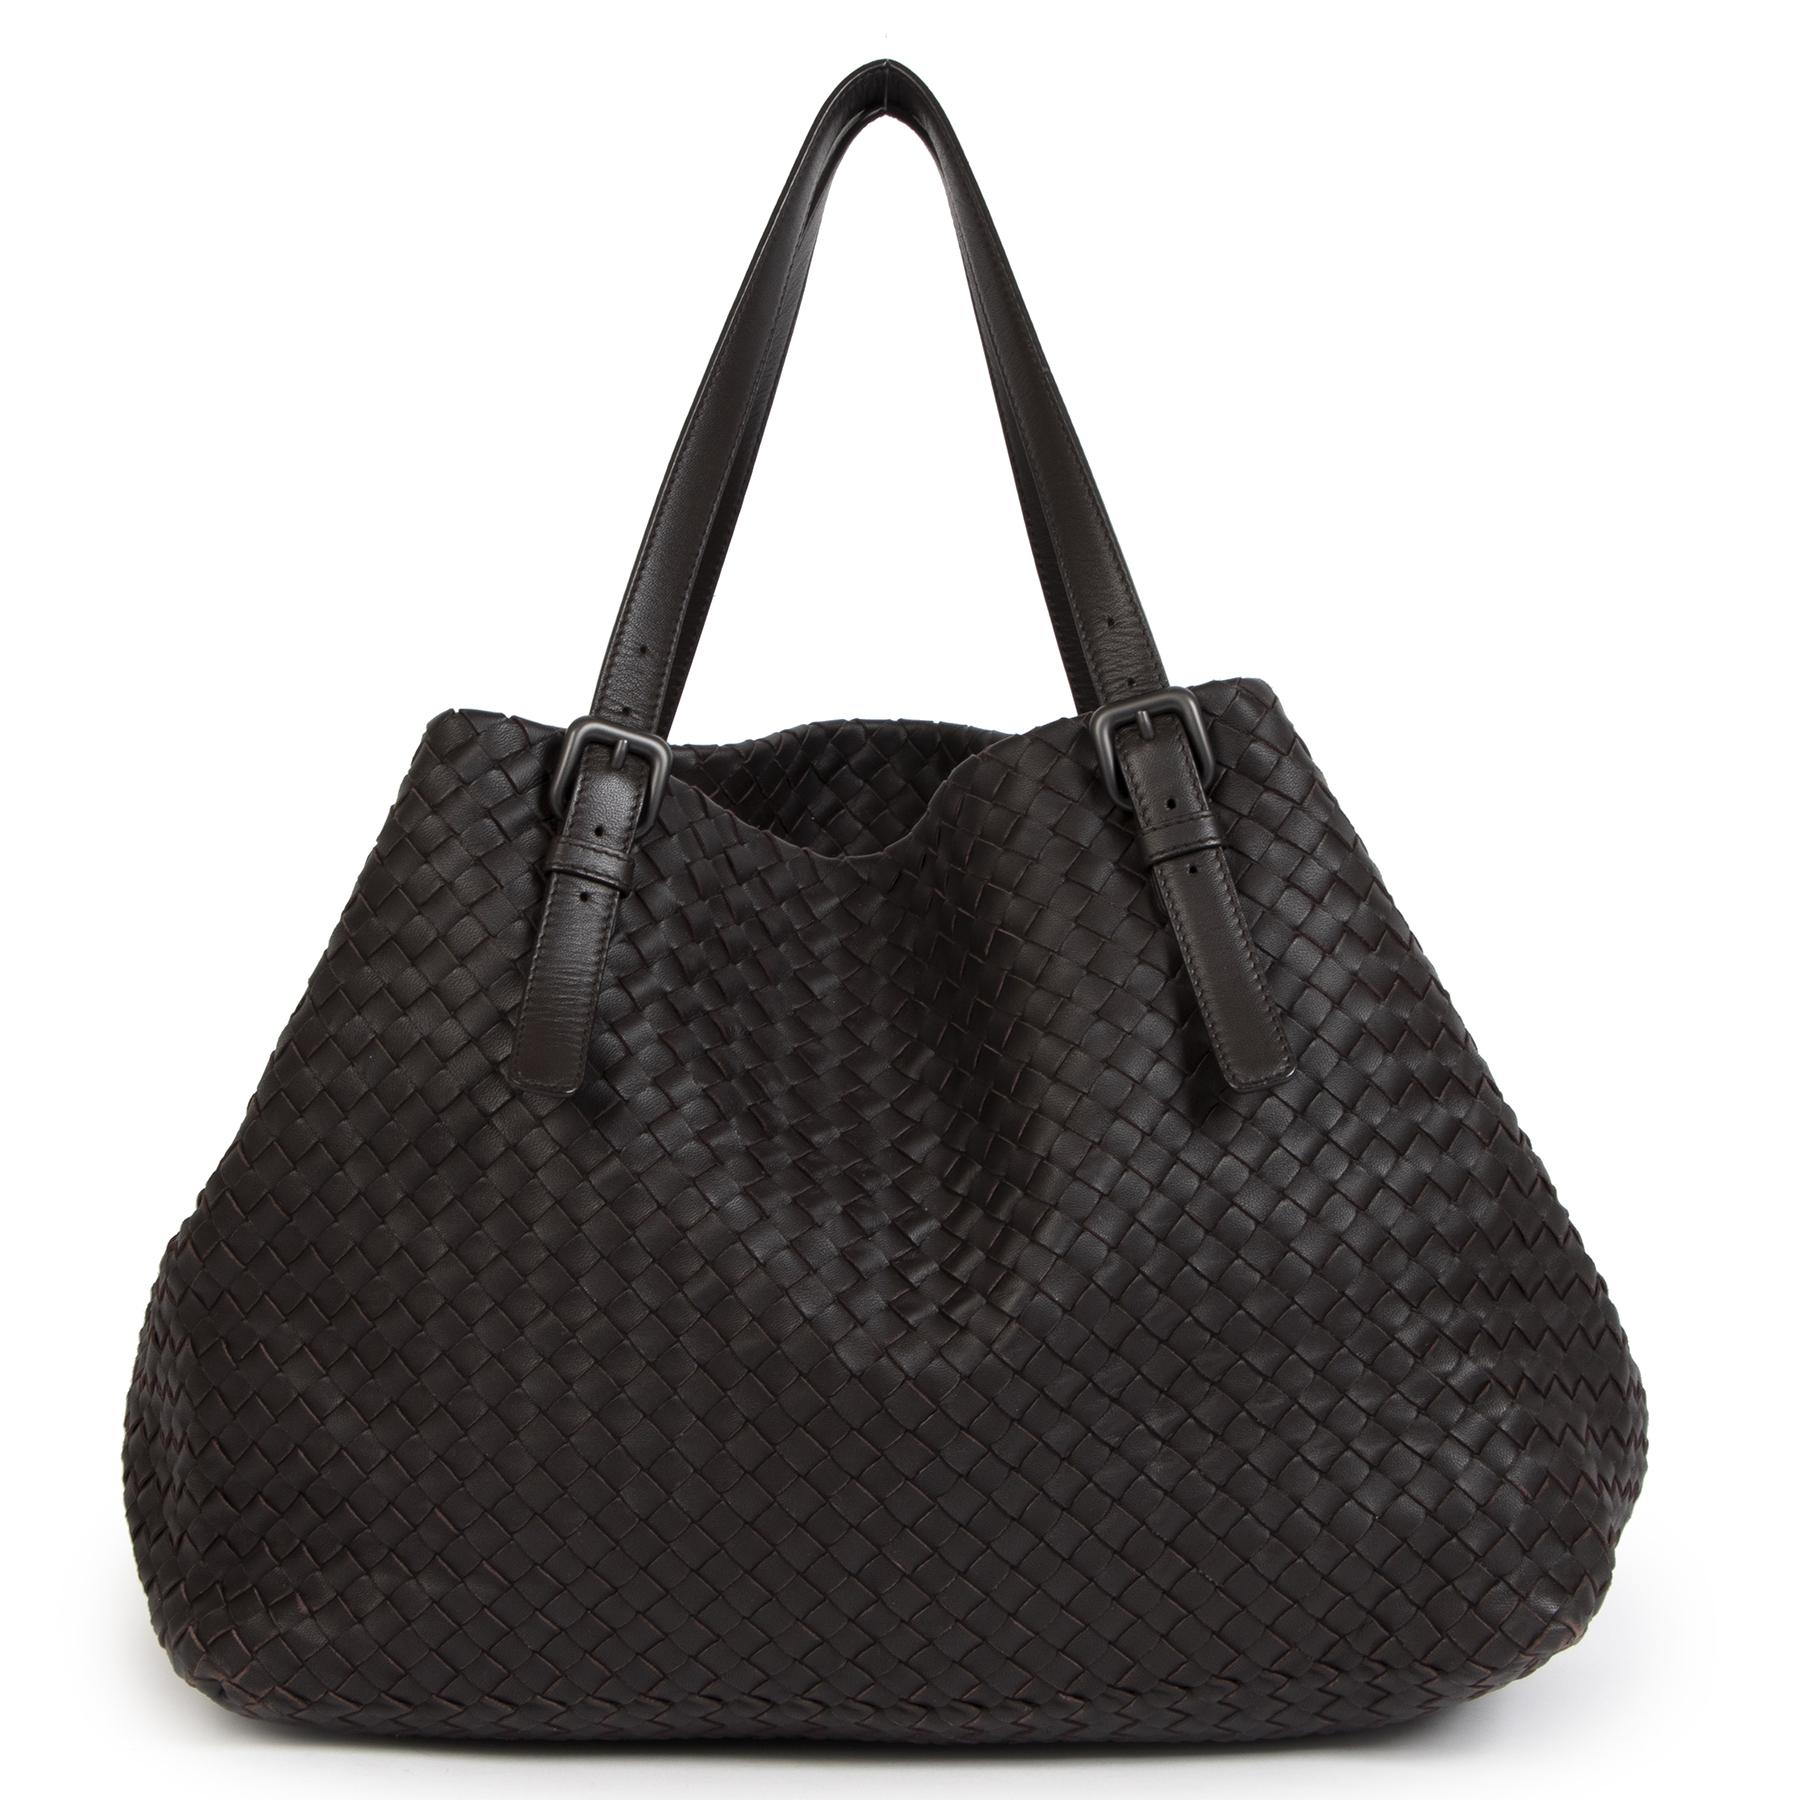 Authentieke Tweedehands Bottega Veneta Dark Brown Leather Tote Bag juiste prijs veilig online shoppen luxe merken webshop winkelen Antwerpen België mode fashion